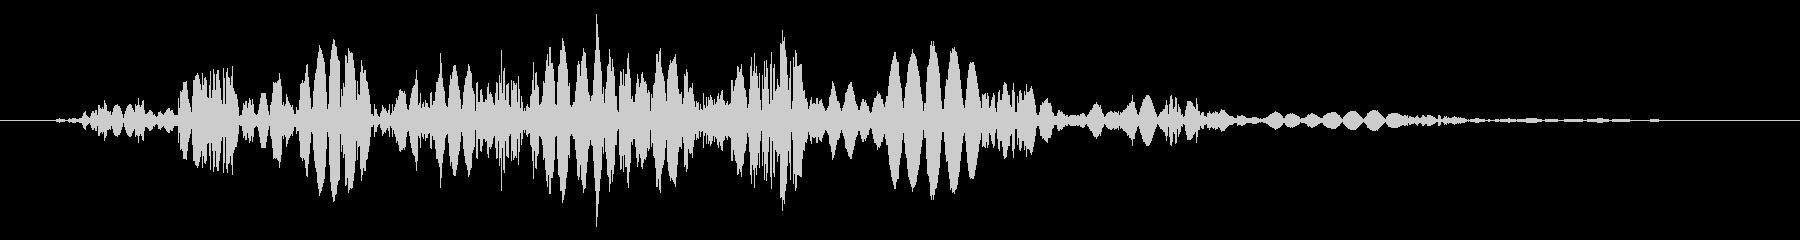 スライムなどが蠢く音タイプB#8の未再生の波形